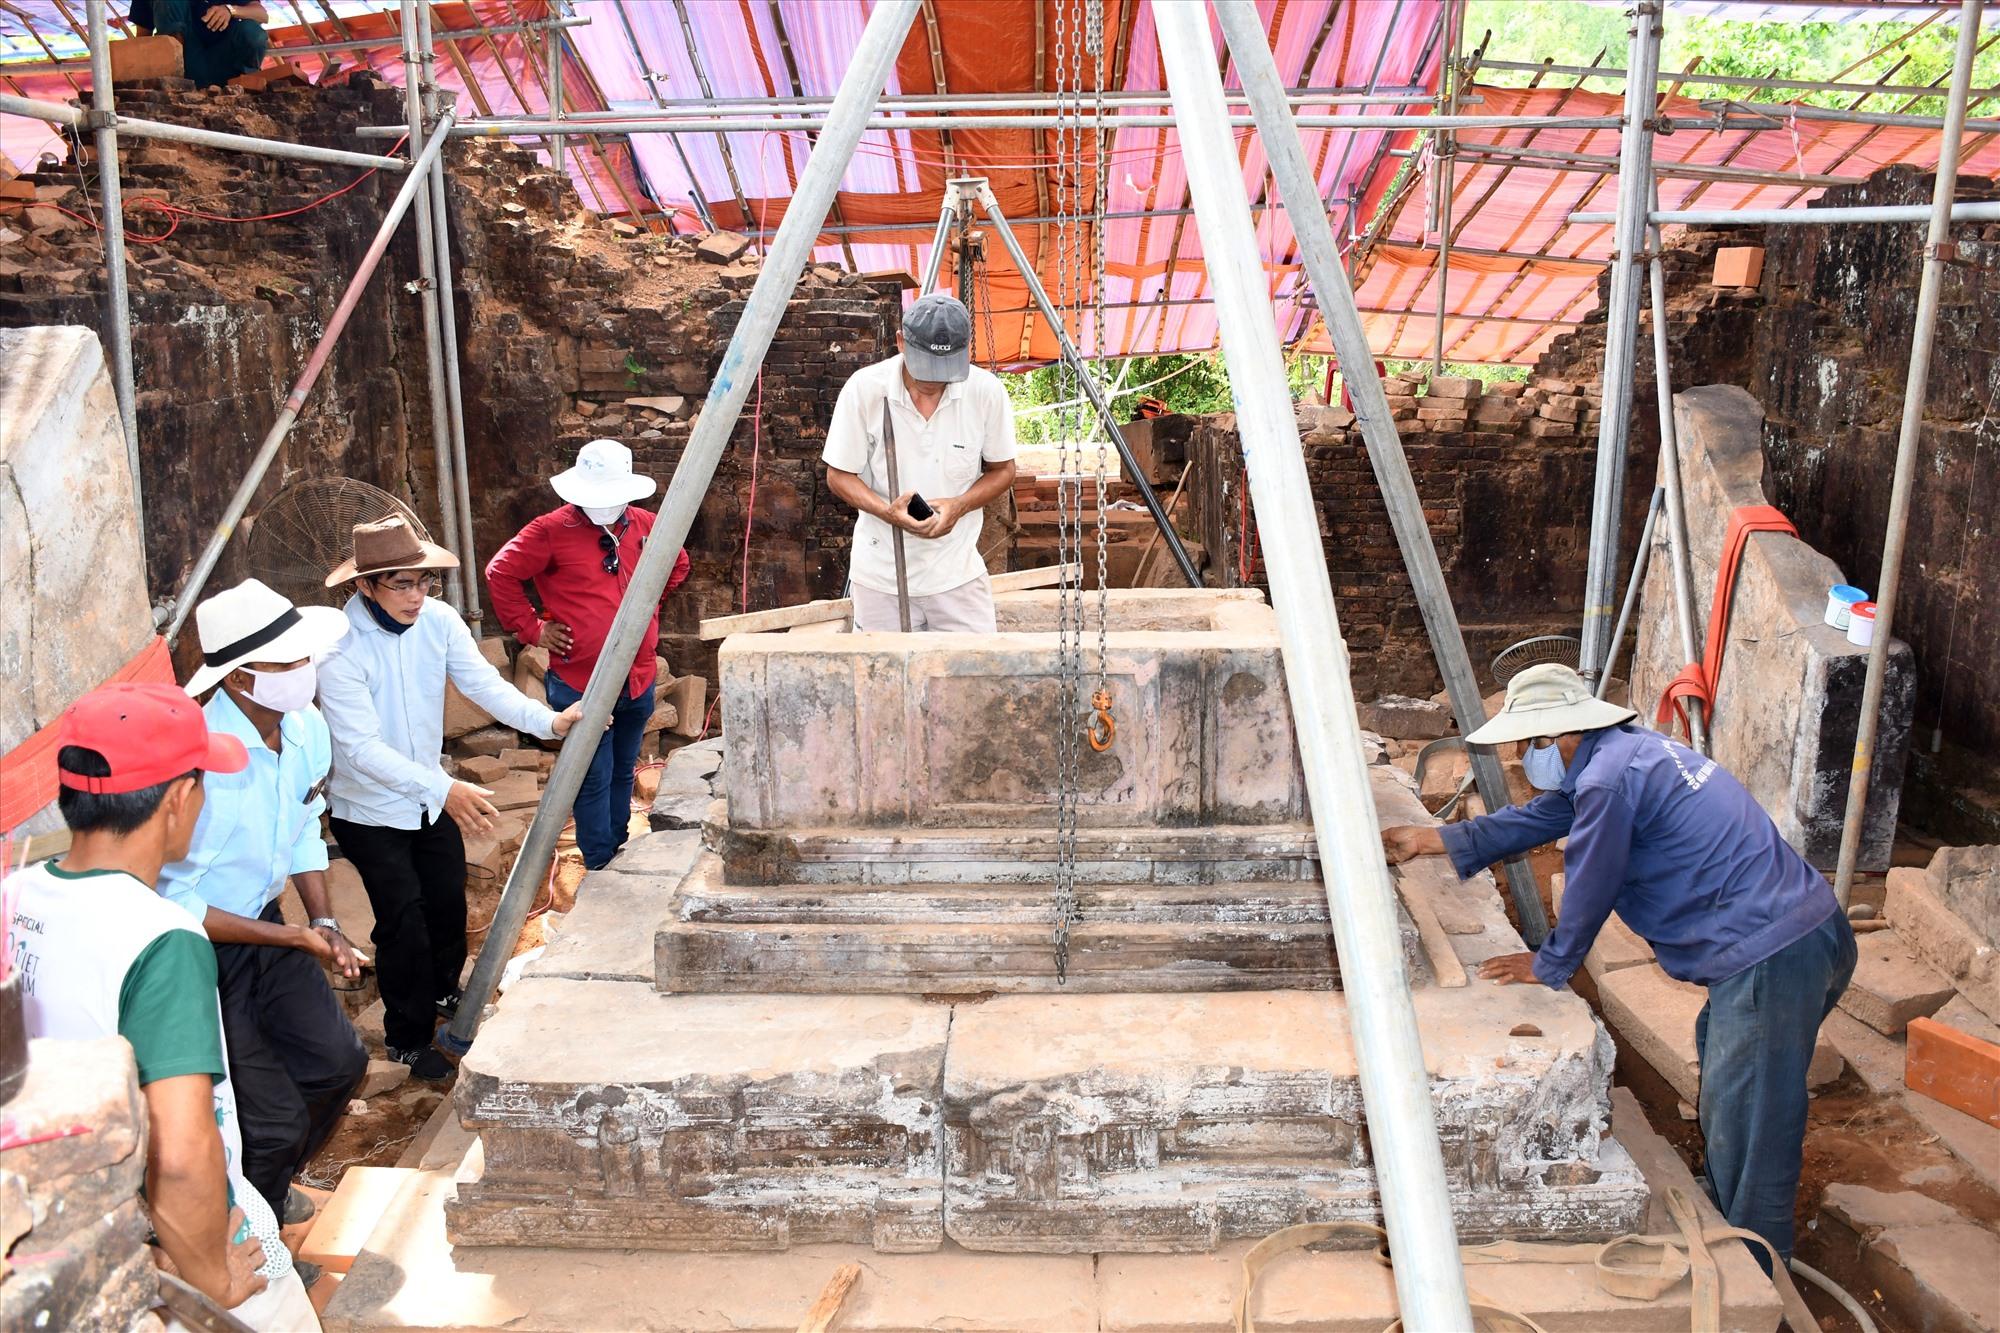 Dự án bảo tồn trùng tu nhóm tháp A vẫn còn dở dang chưa thể kết thúc đúng kế hoạch